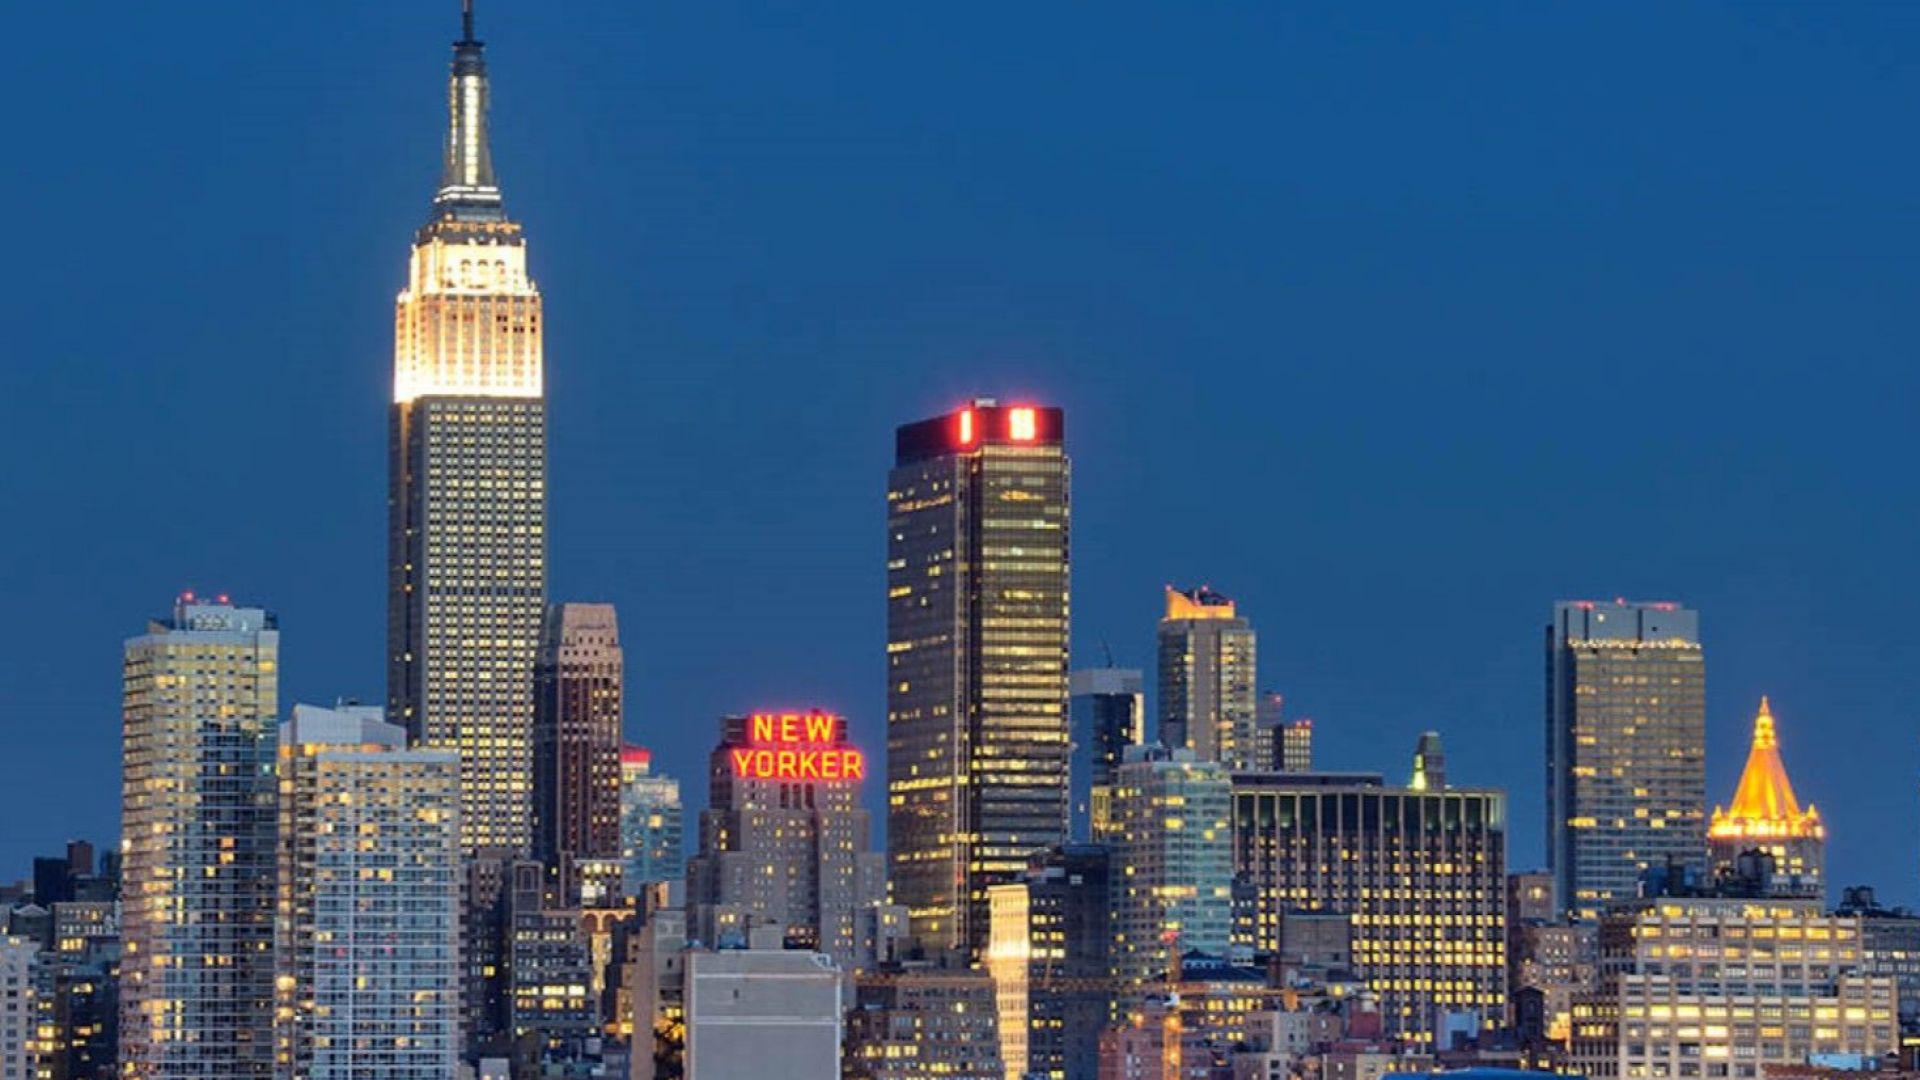 Ню Йорк изпревари Лондон в класацията на световните финансови центрове